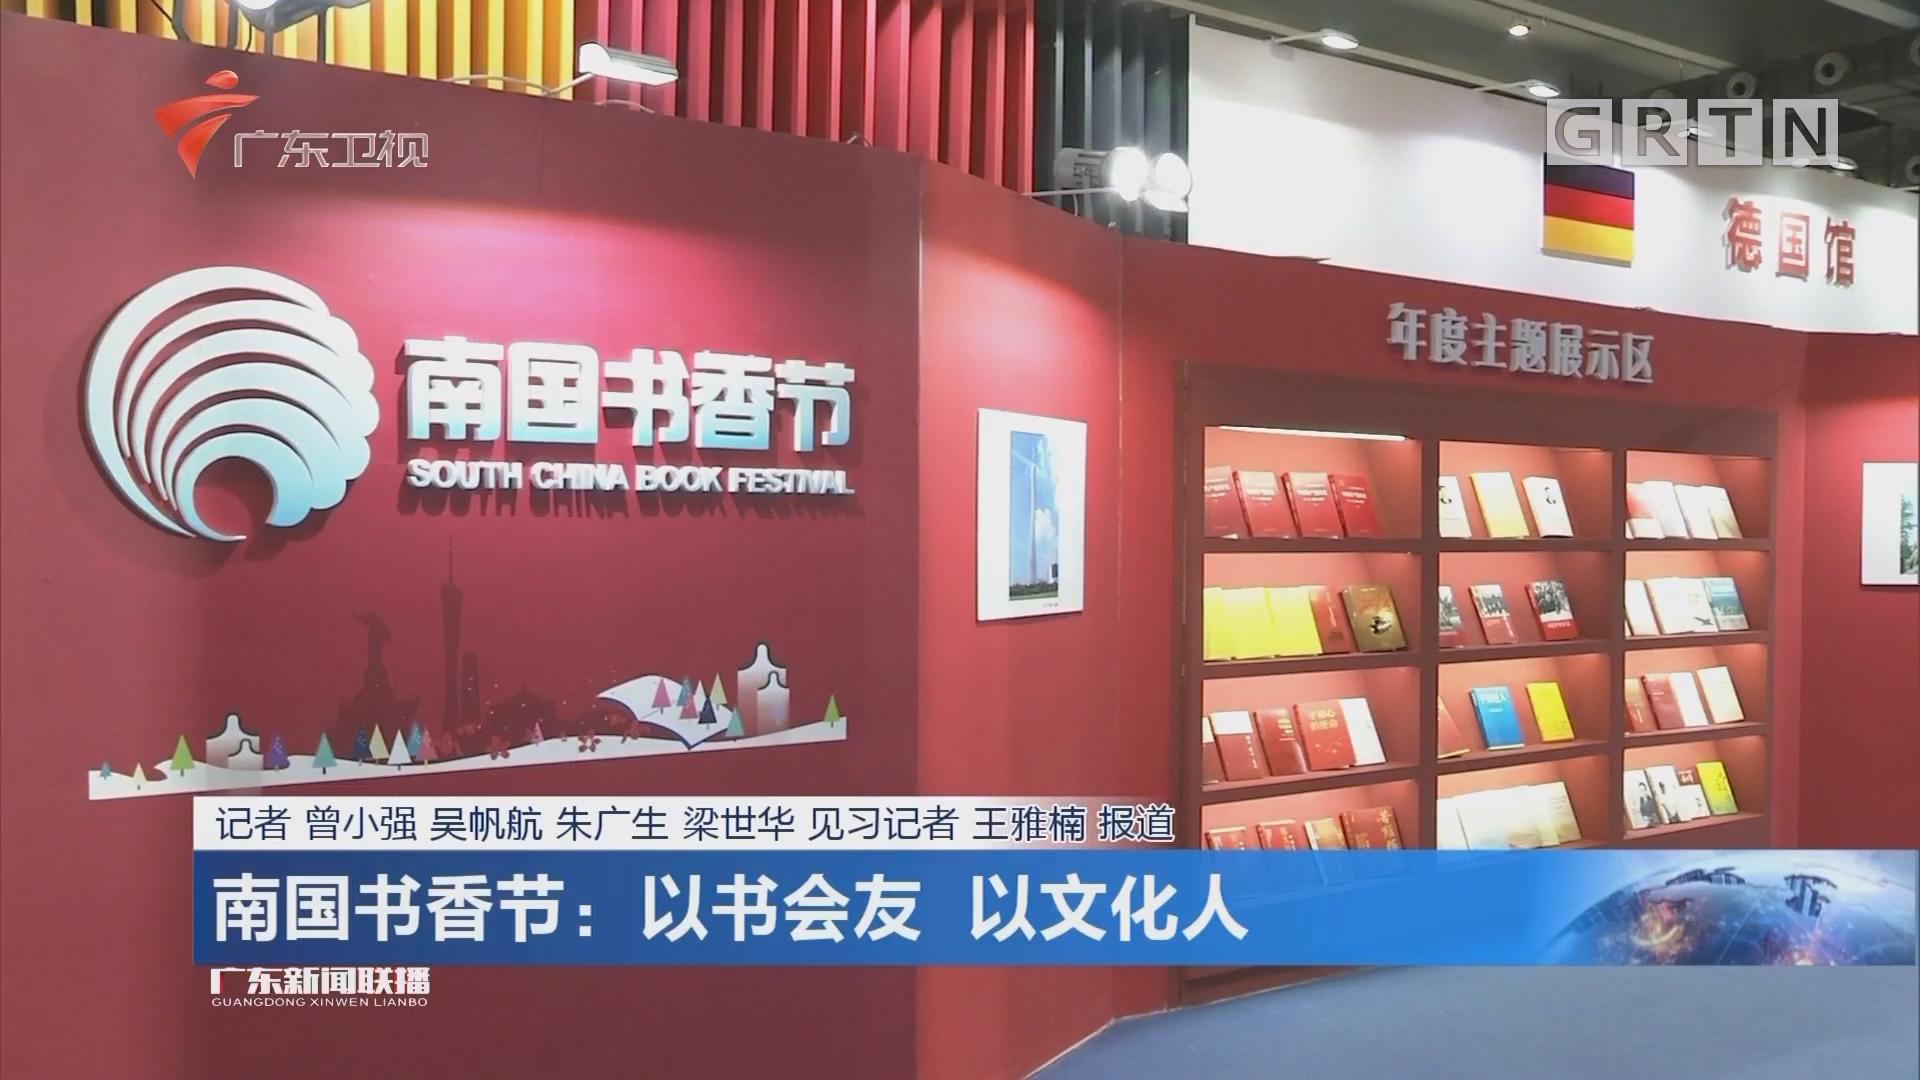 南国书香节:以书会友 以文化人